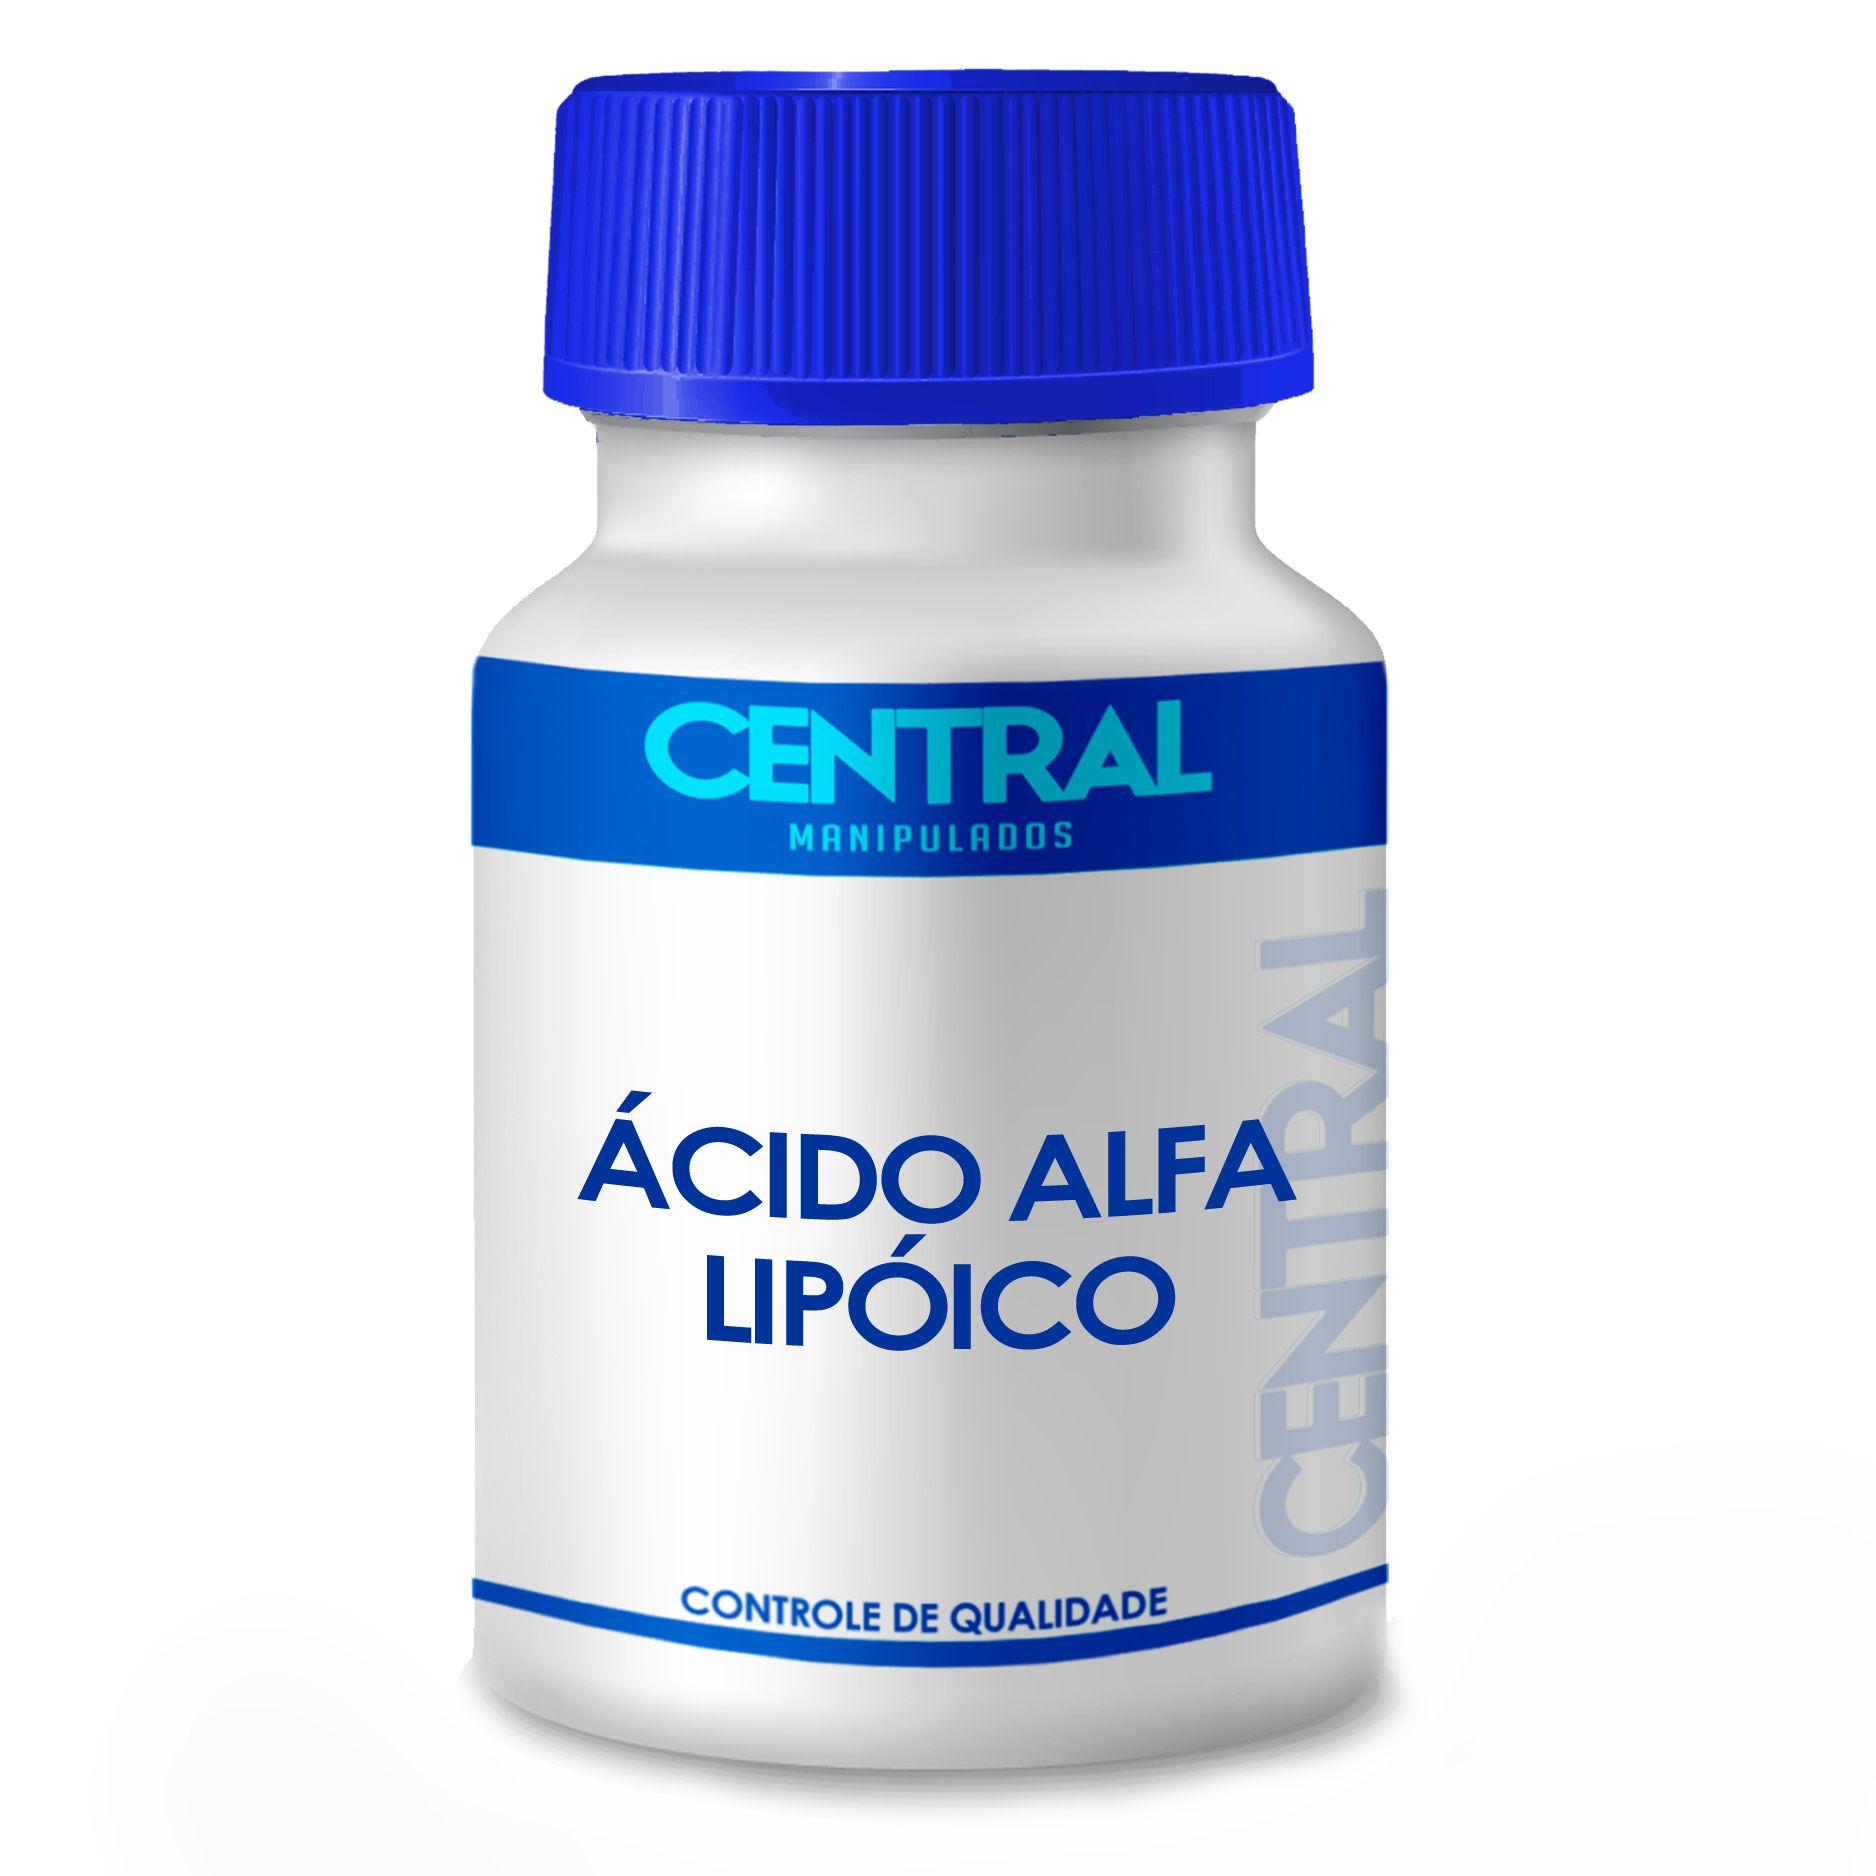 Ácido Alfa Lipóico - poderoso antioxidante - 500mg 30 cápsulas